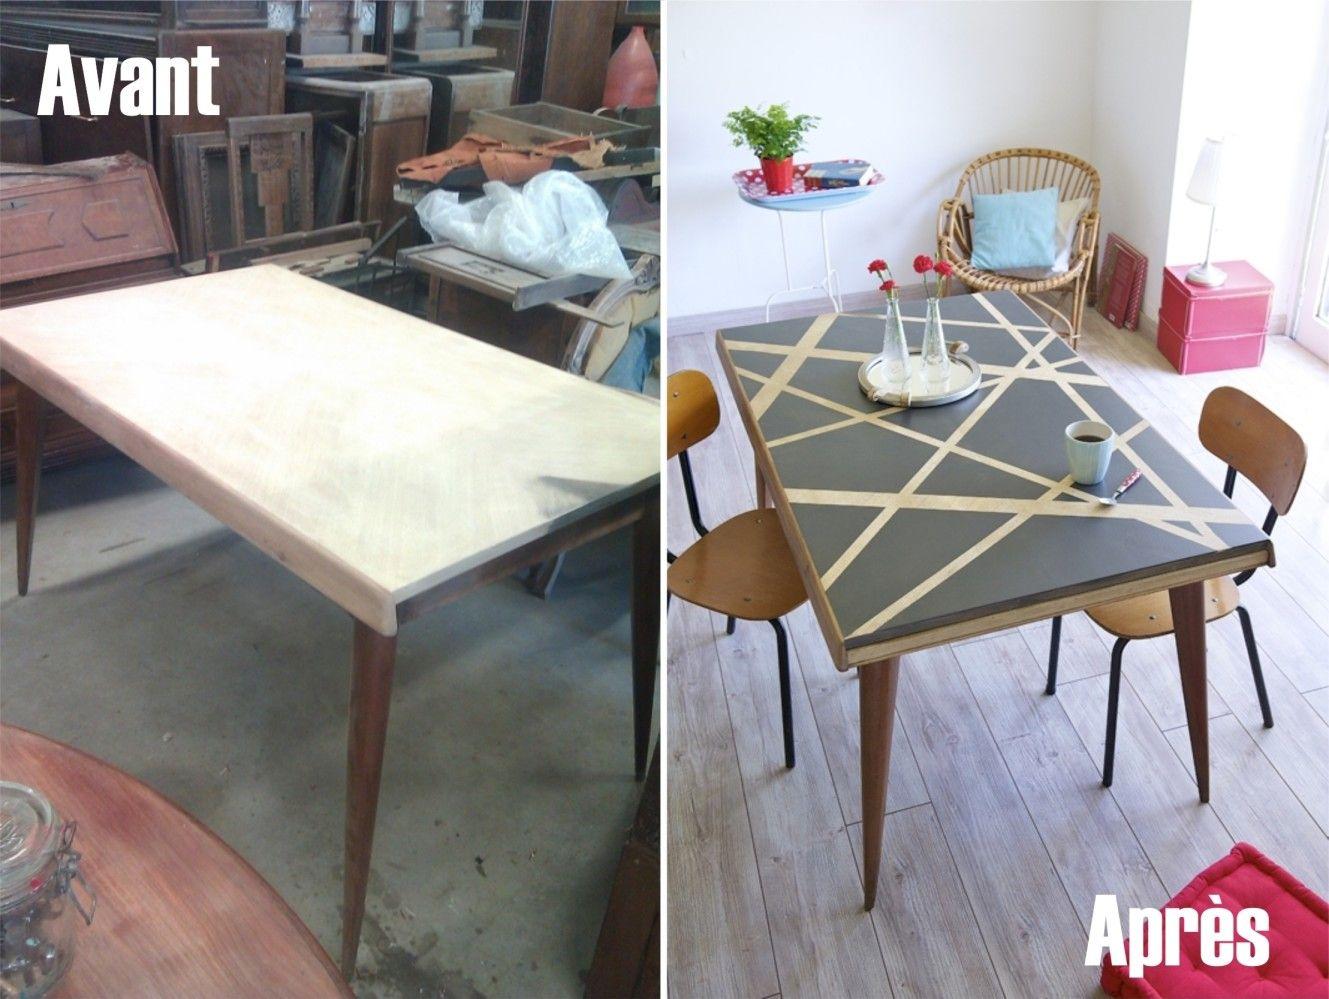 Comment Relooker Le Plateau D Une Table Customiser Une Table En Bois Customiser Table Relooker Une Table Basse